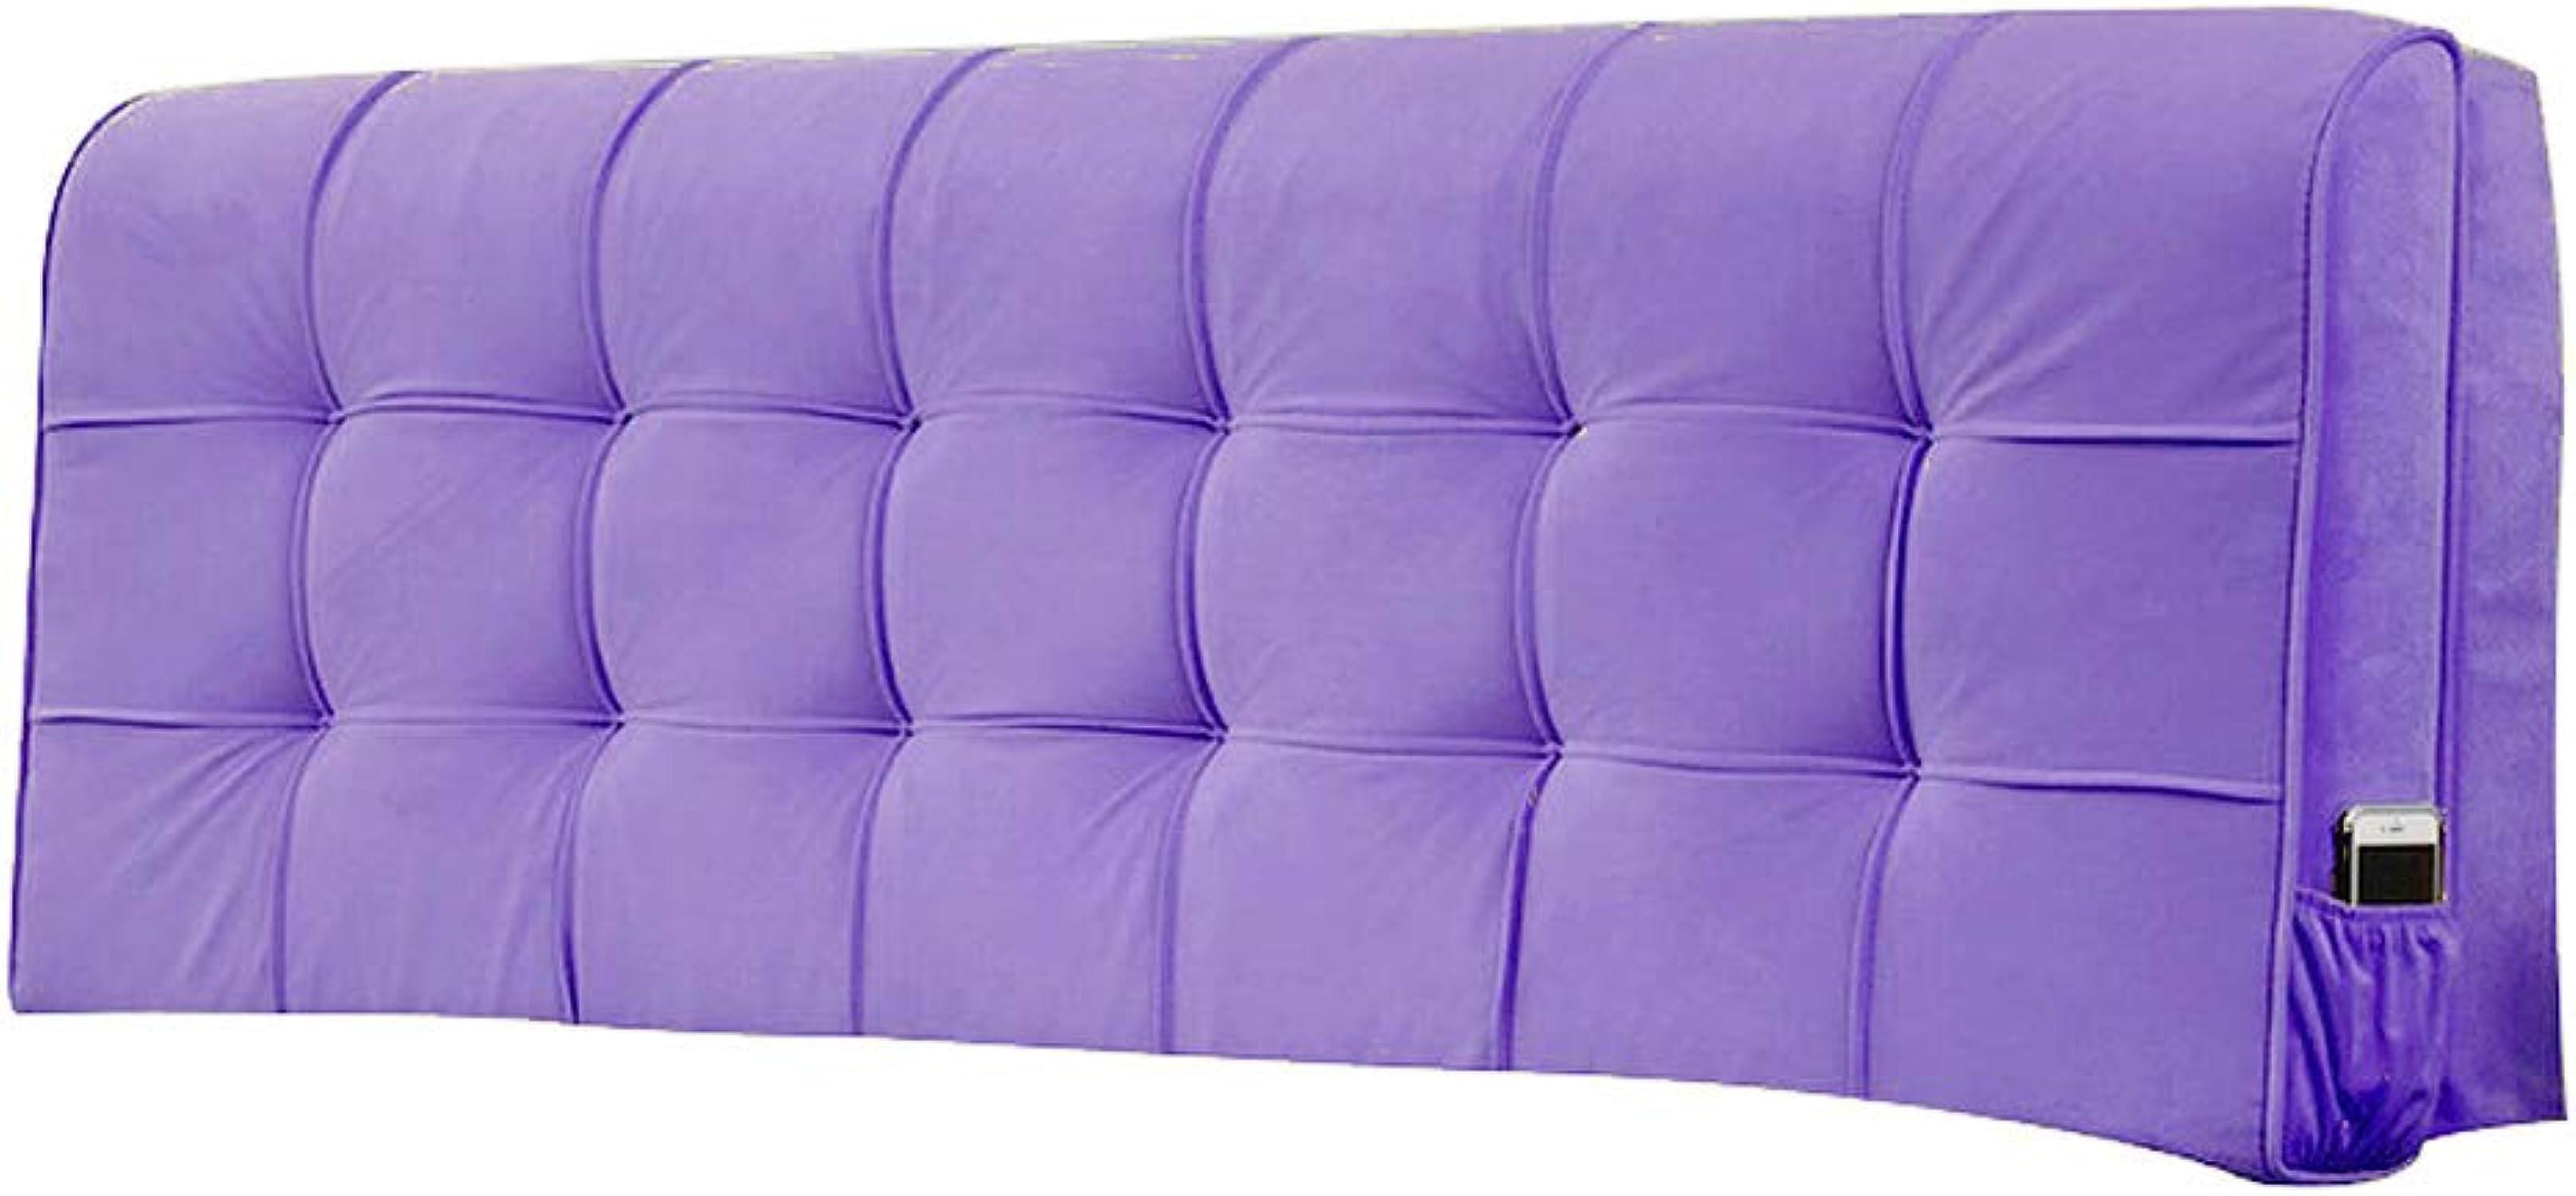 Jia He Coussin d'oreiller Coussin de lit - Coussin de dossier de lit Tête de lit Taie de lit Oreiller Rembourré à la taille lavable (4 couleurs) Jia He@@ (Couleur   A, taille   160x10x58cm)